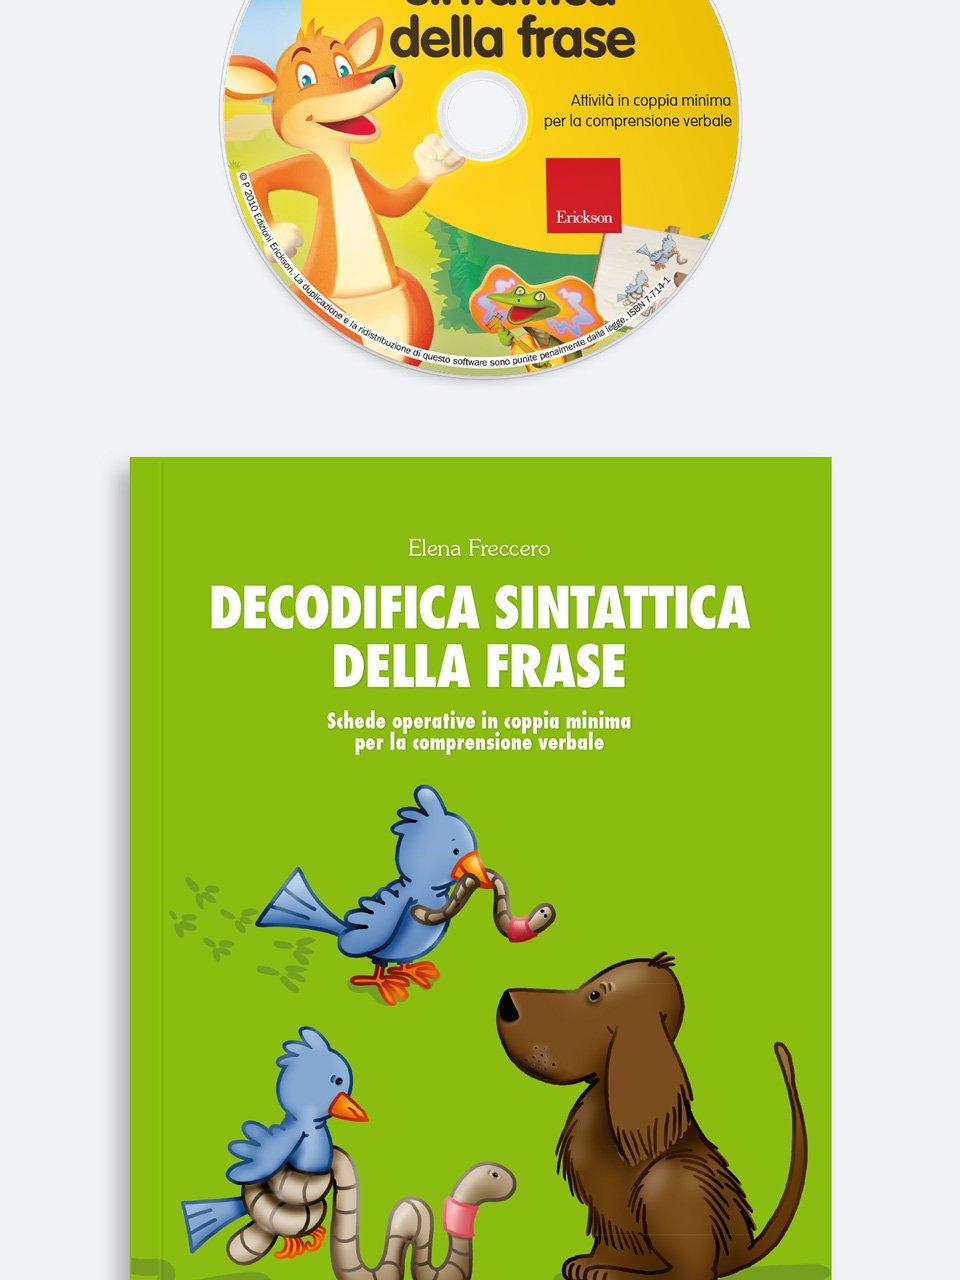 Decodifica sintattica della frase - Schede per Tablotto (6-8 anni) - I mostri dell'ort - Giochi - Erickson 3